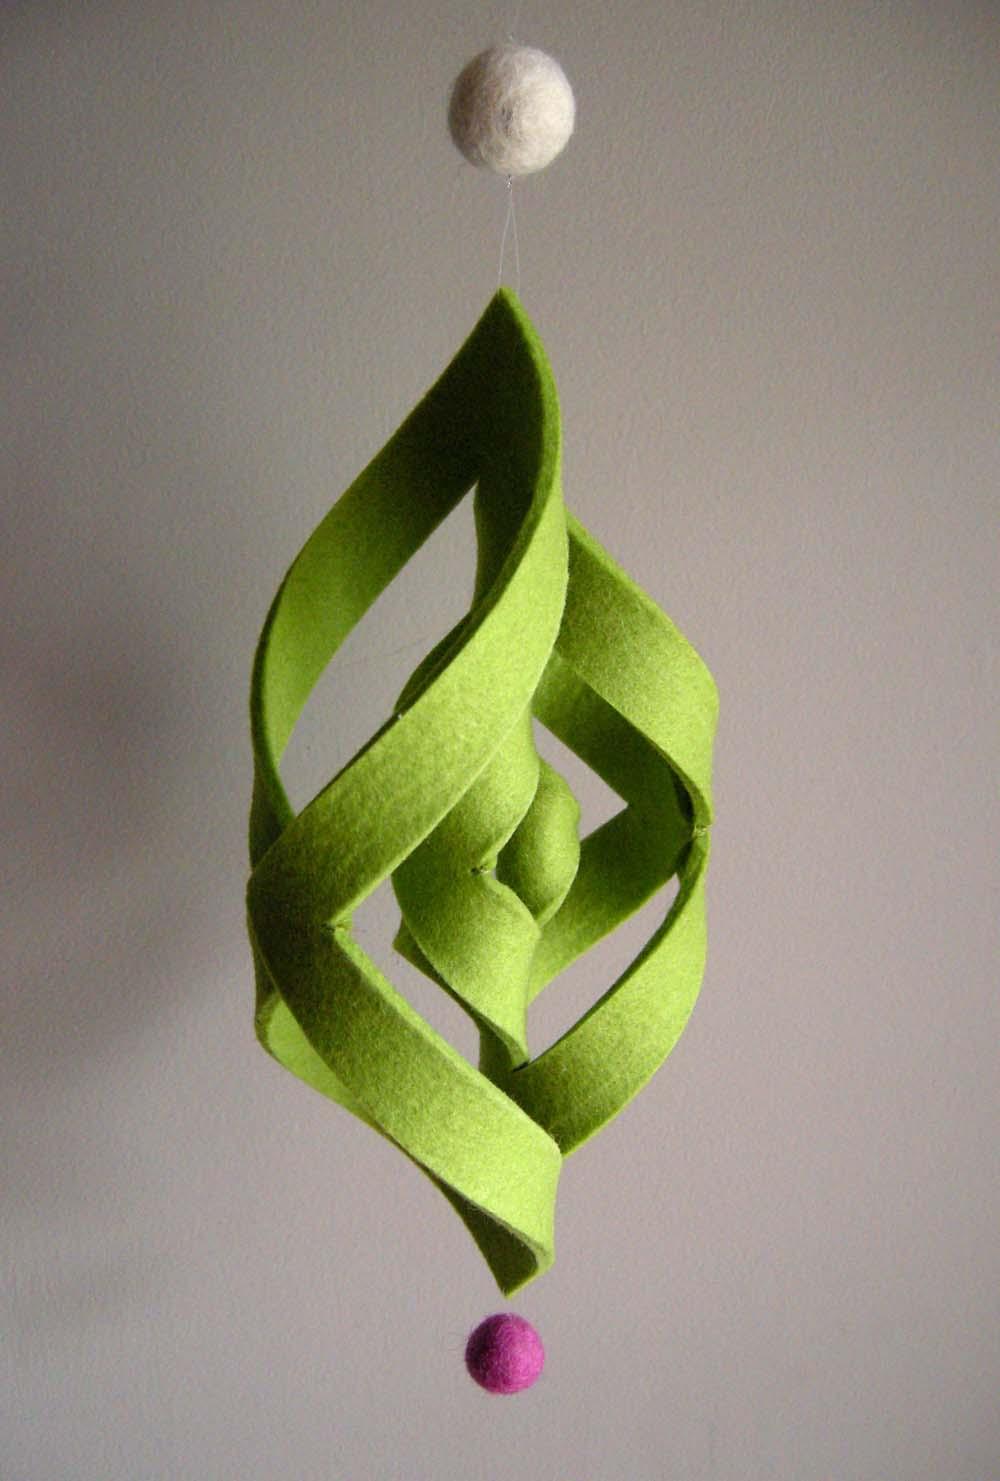 Как делать елочные игрушки своими руками: фетр, объемные игрушки - завитушка